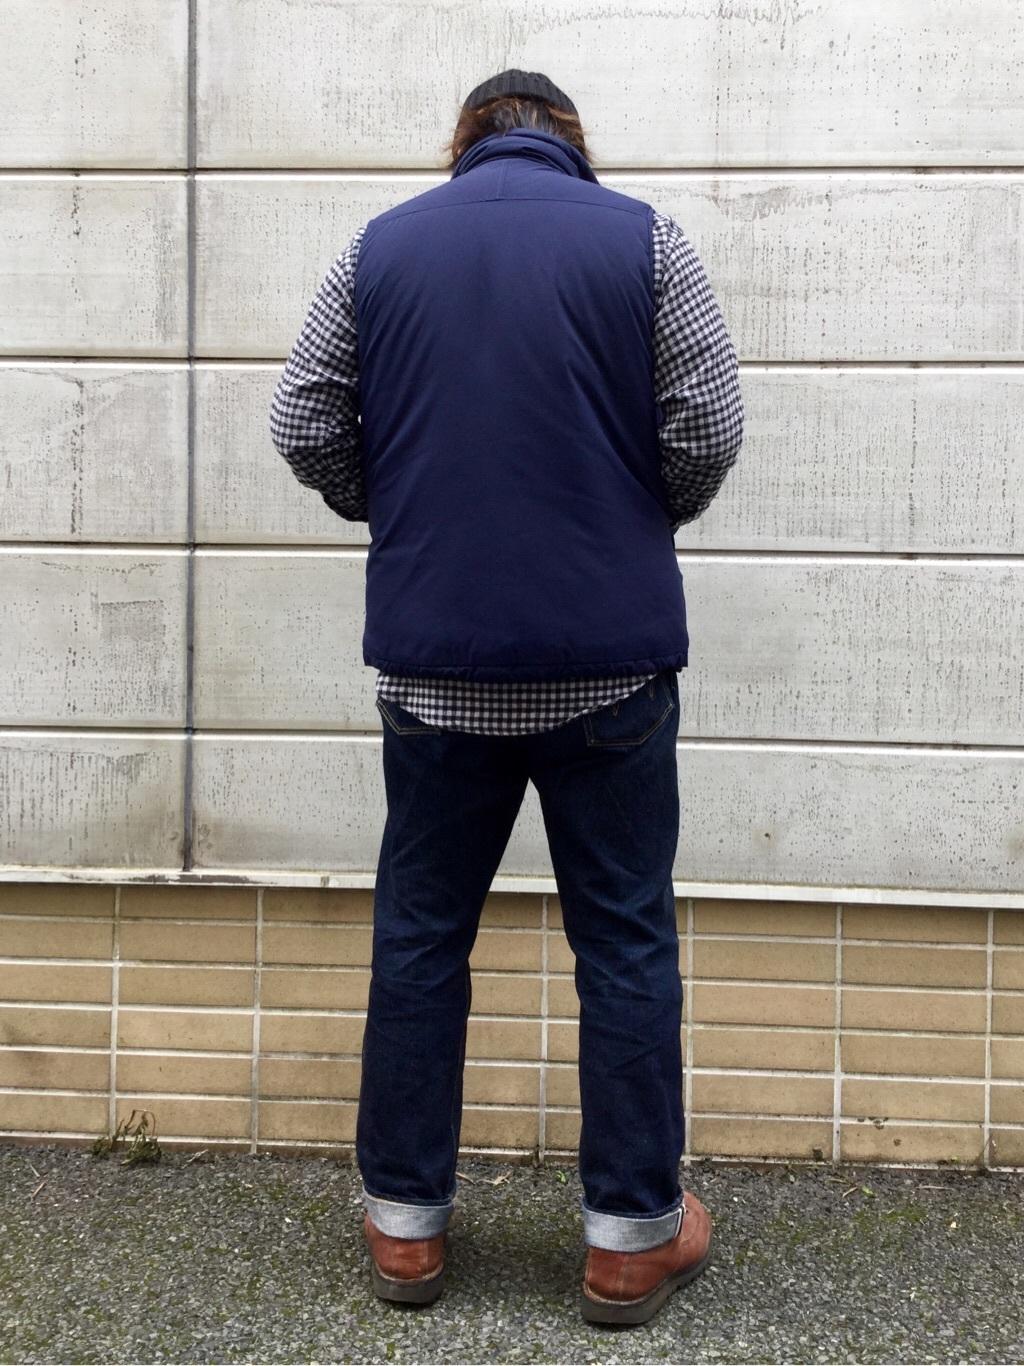 TOKYO HARAJUKU店のSHIZUKUさんのEDWINの【ガレージセール】【コンセプトショップ限定】F.L.E NAVY PACK  LEVEL7 VESTを使ったコーディネート